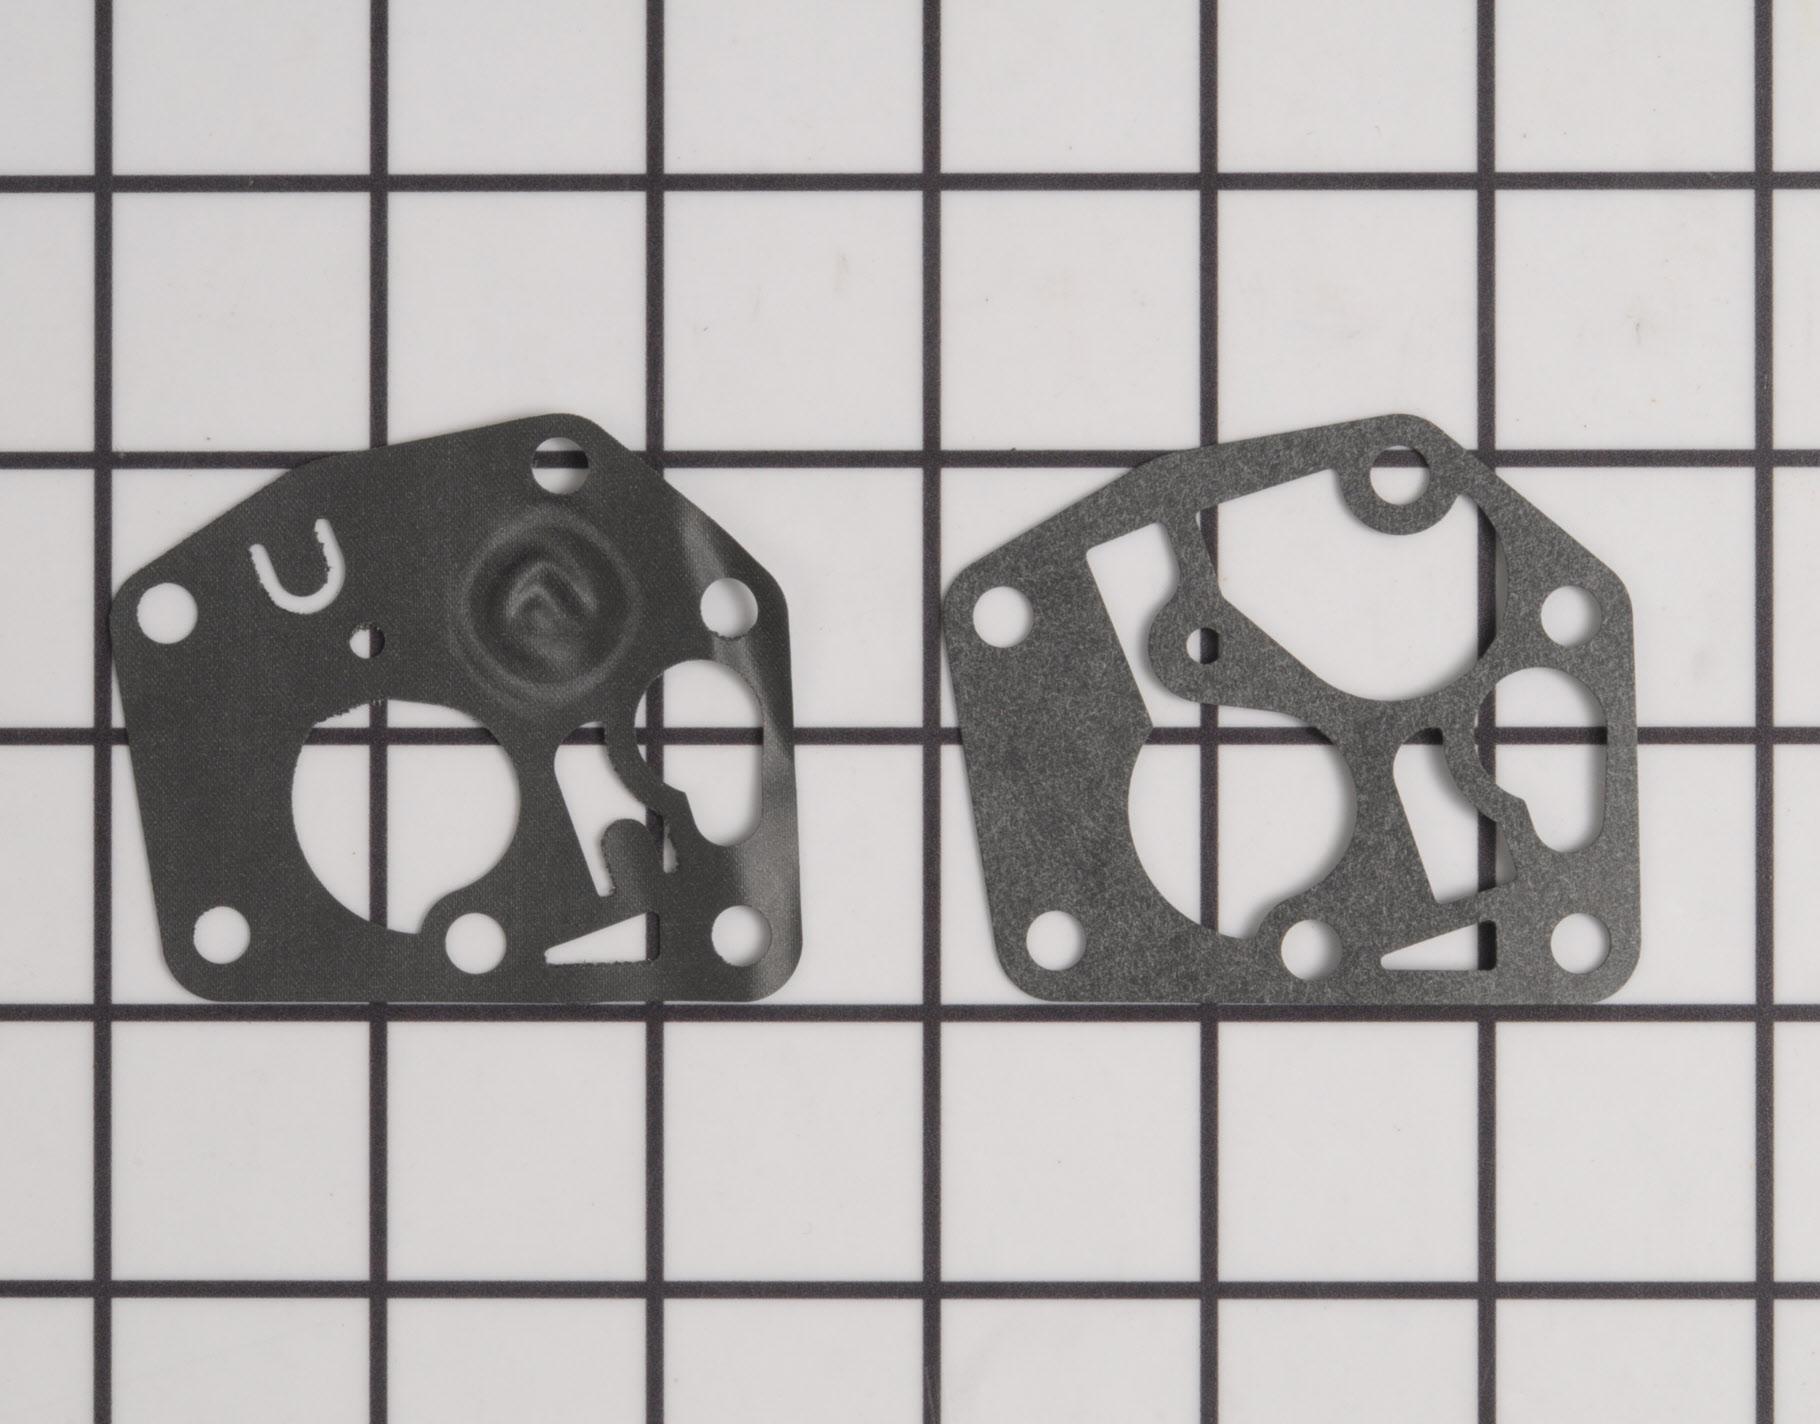 Briggs & Stratton Small Engine Part # 795478 - Carburetor Diaphragm